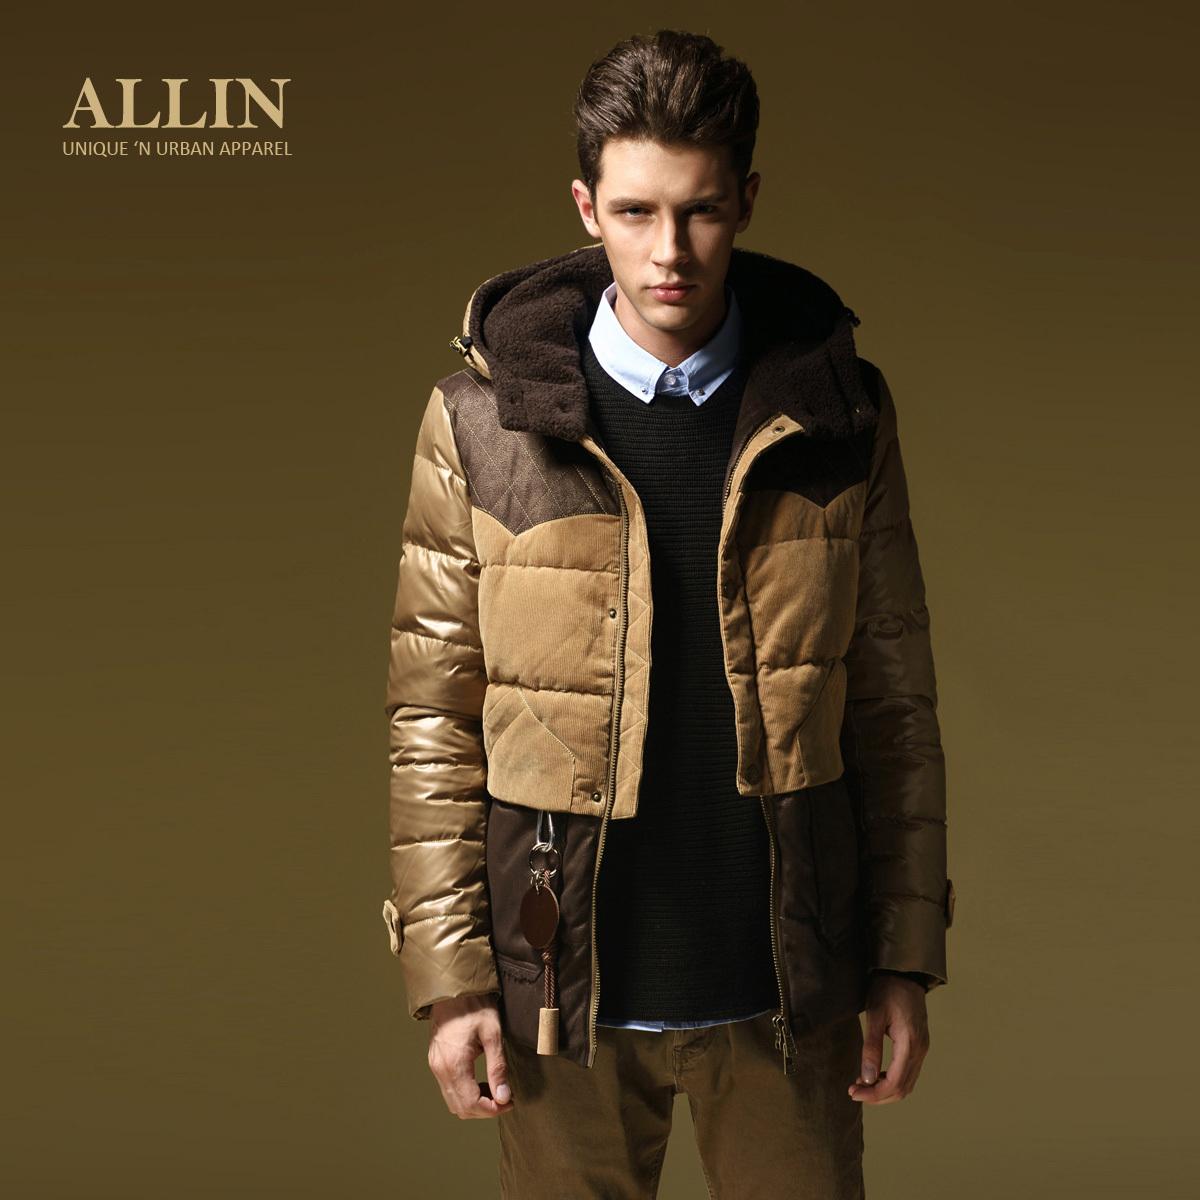 【allin 羽绒服】价格|参数|最新报价_羽绒服图片-好